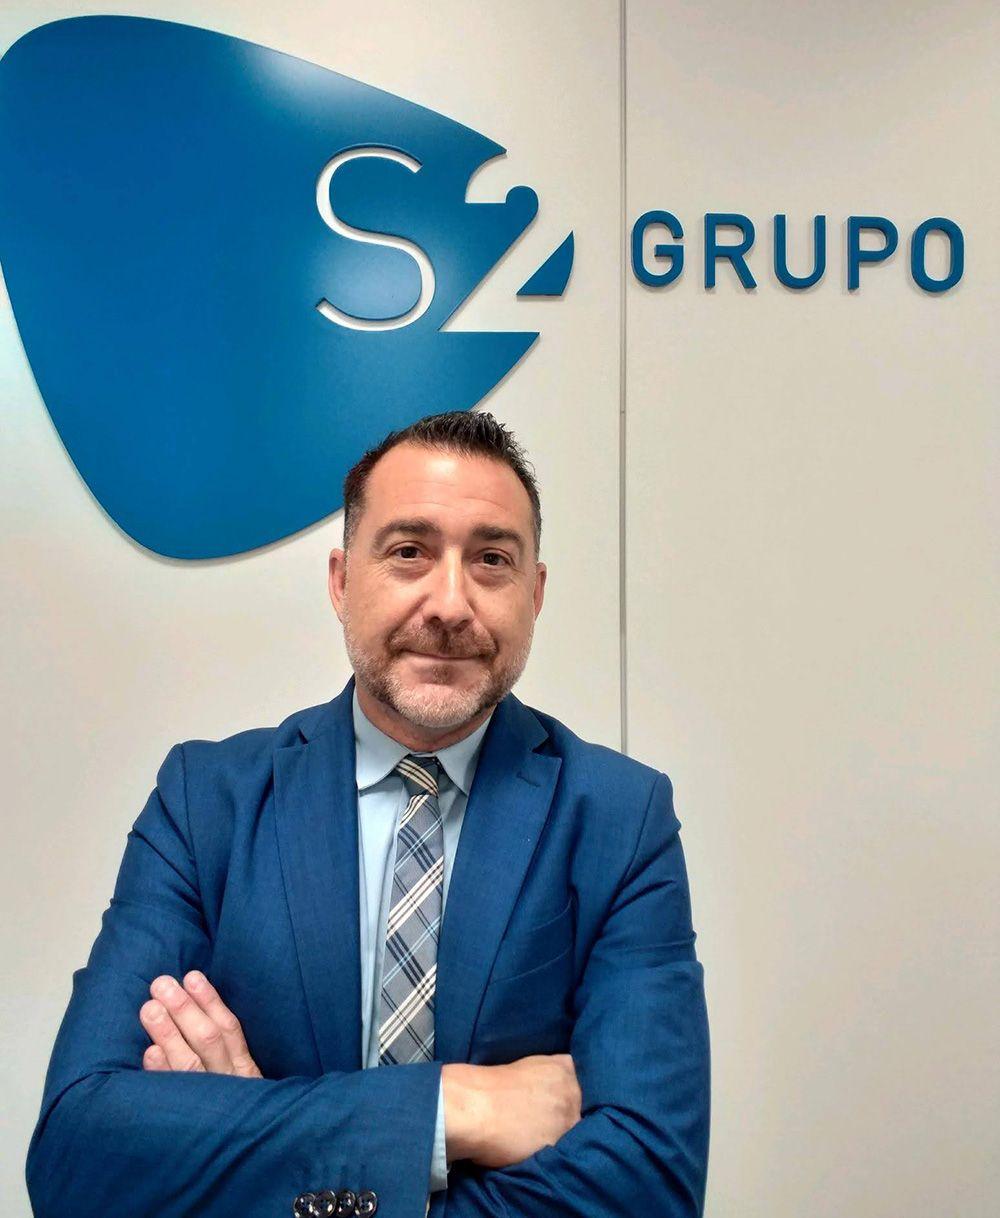 S2 Grupo refuerza su área de ventas en Madrid con la incorporación de Pepe Calderón